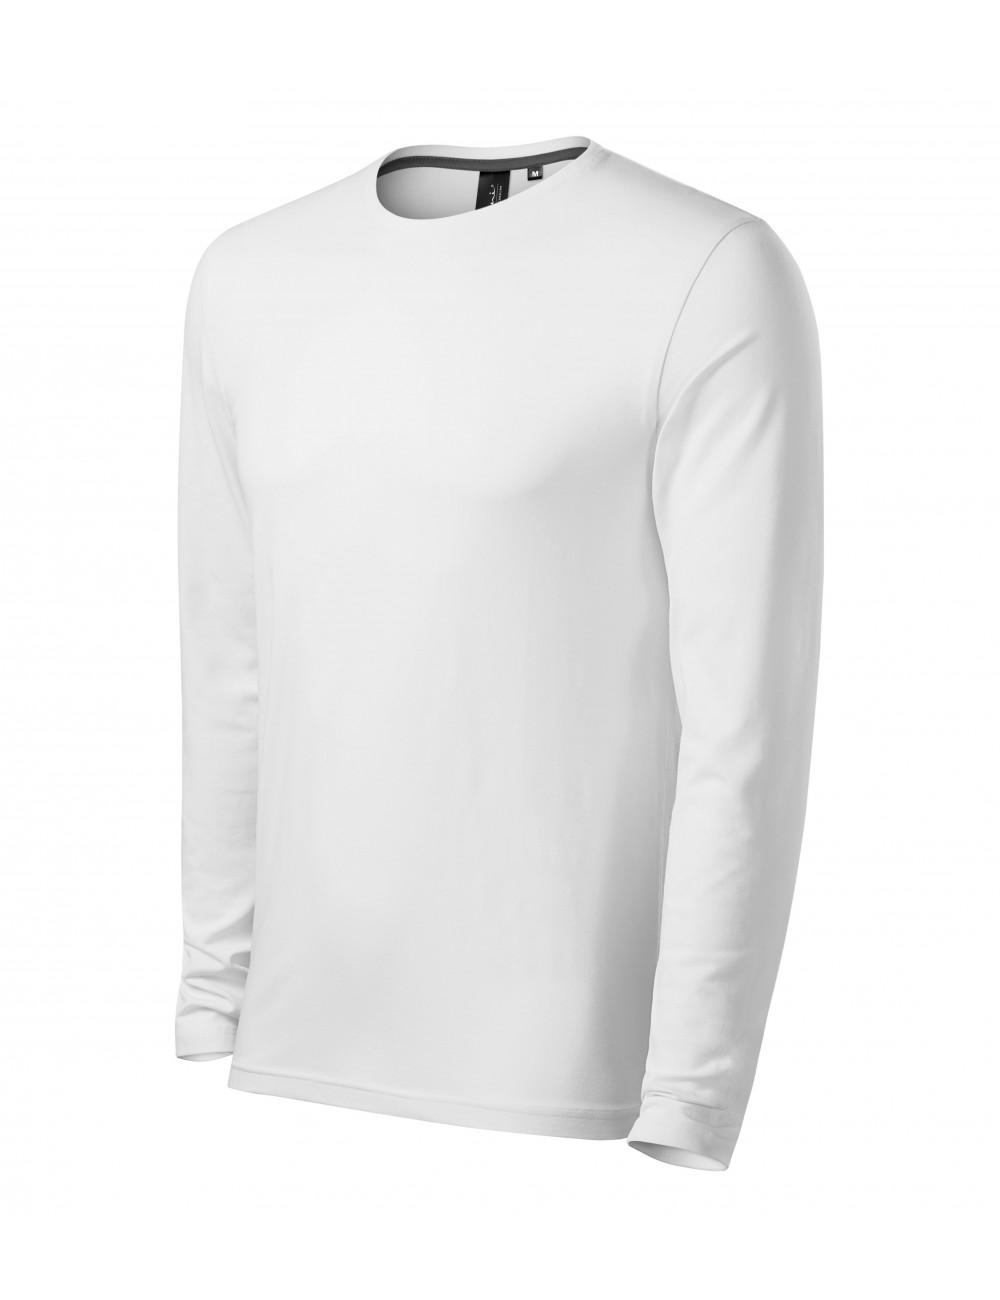 Adler MALFINIPREMIUM Koszulka męska Brave 155 biały